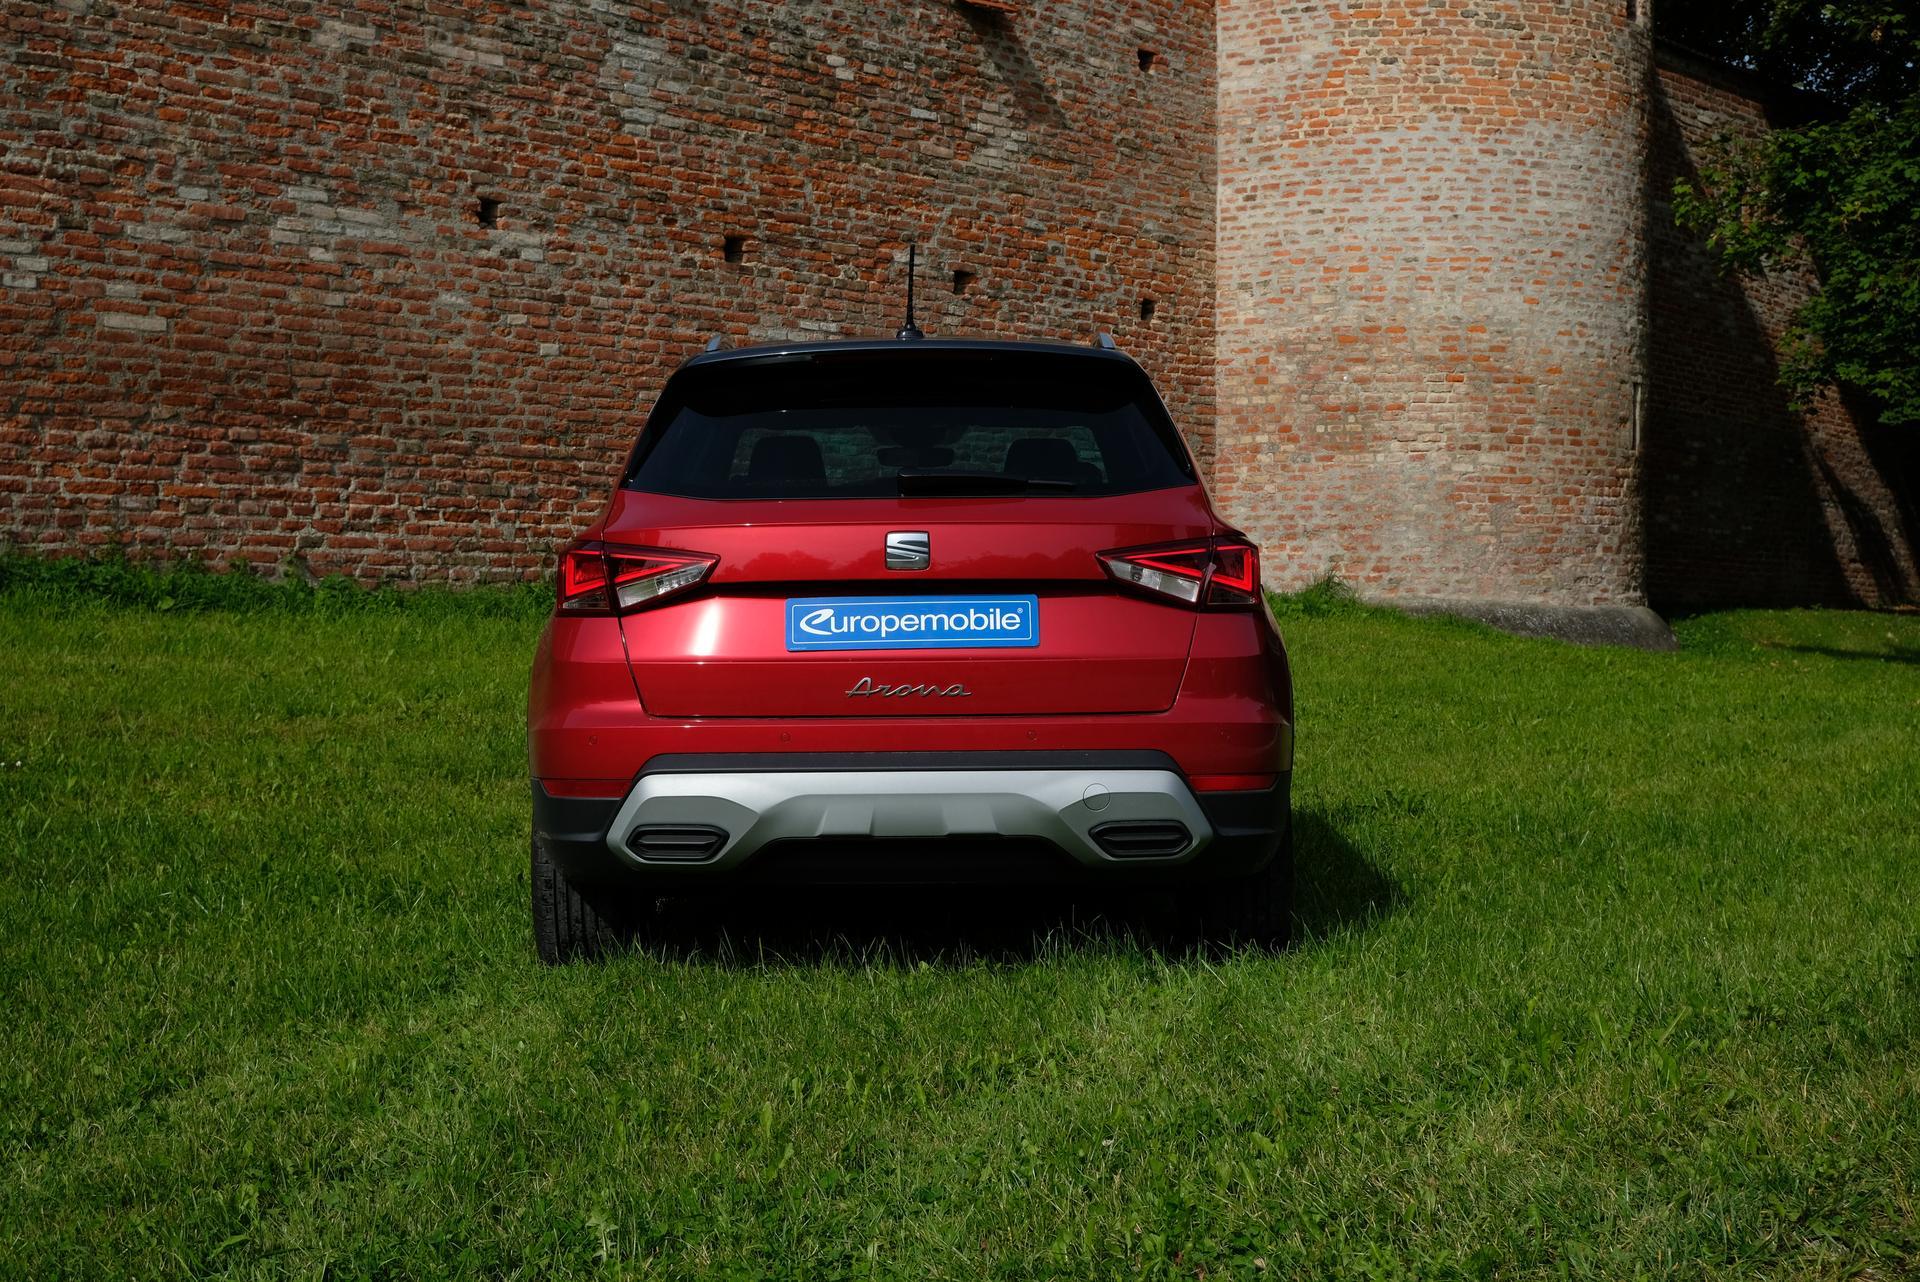 Facelift: SEAT Arona 1.0 TGI hinten